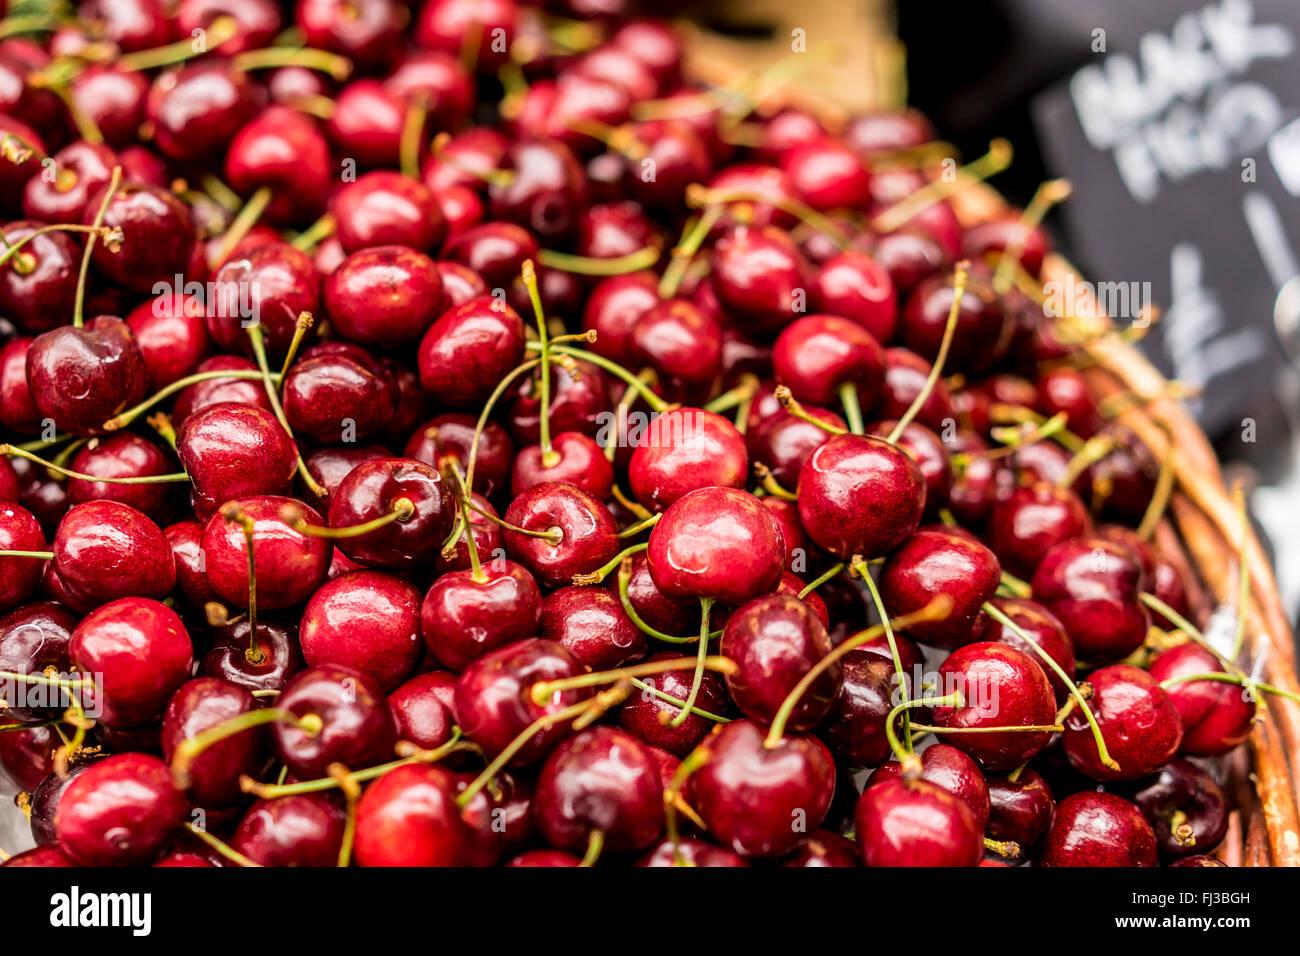 Nahaufnahme von einen Korb mit frischen reifen Kirschen für den Verkauf auf einem Marktstand Stockfoto